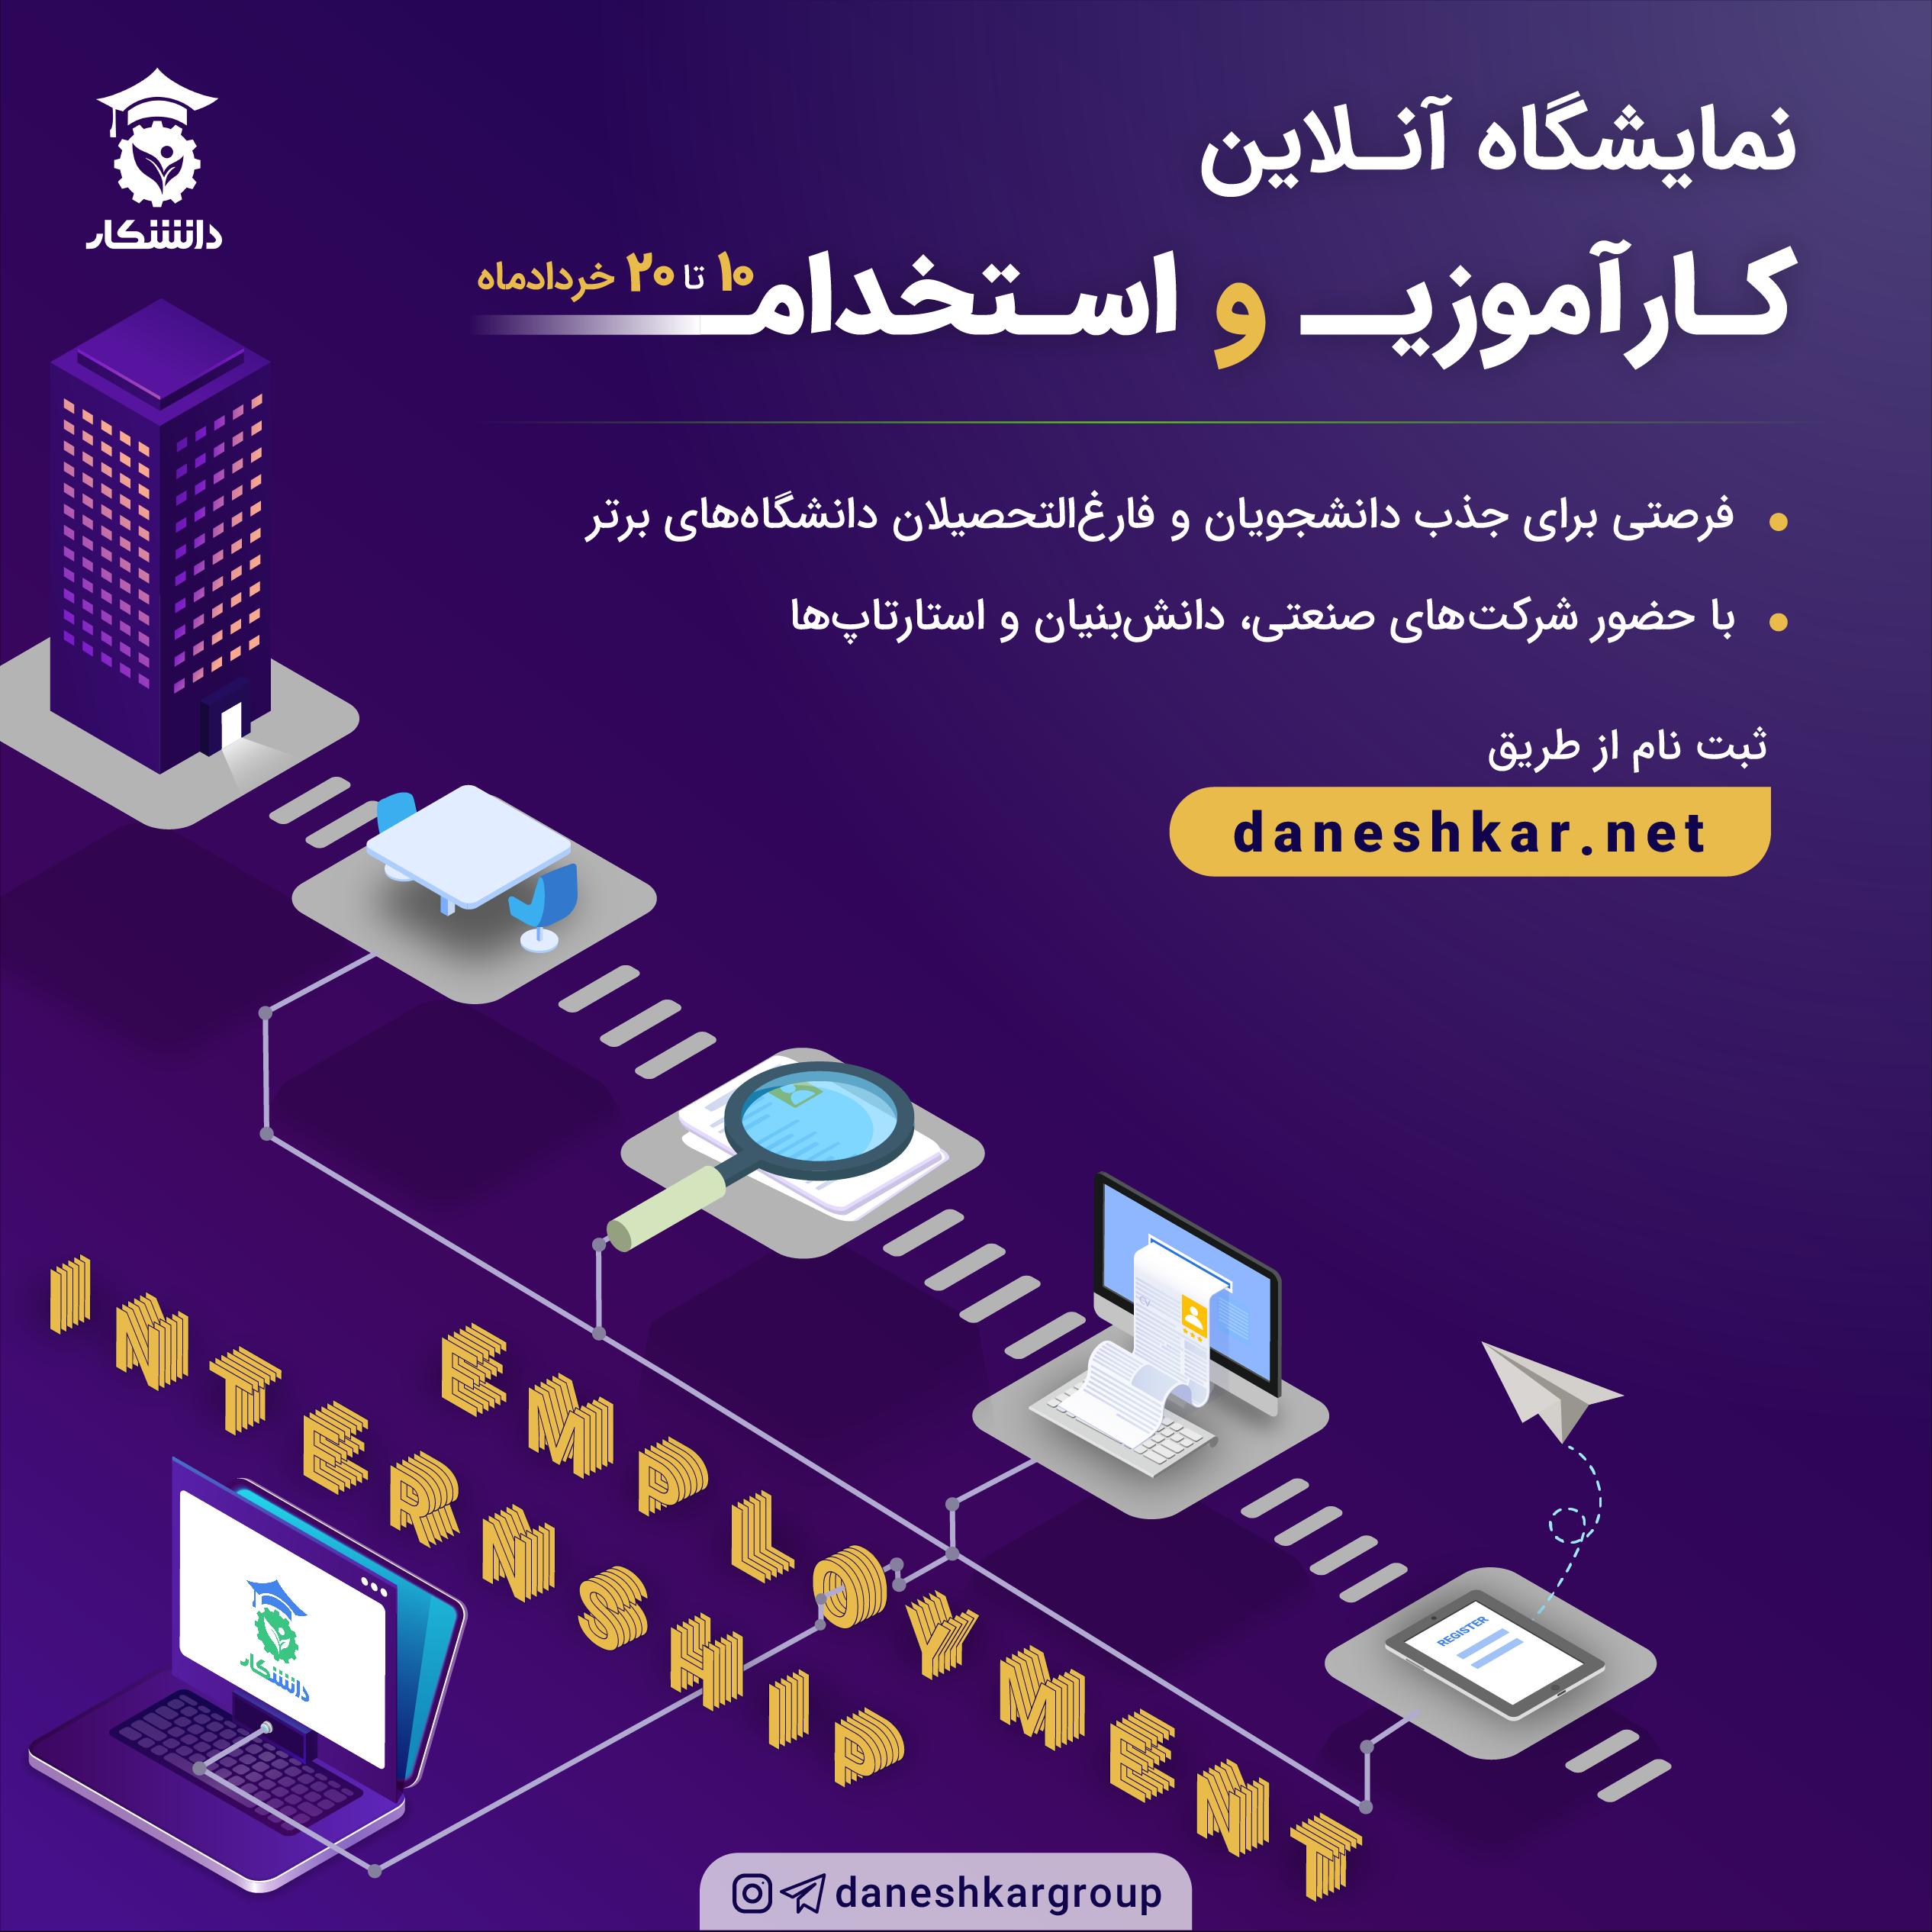 دومین نمایشگاه آنلاین کارآموزی و استخدام